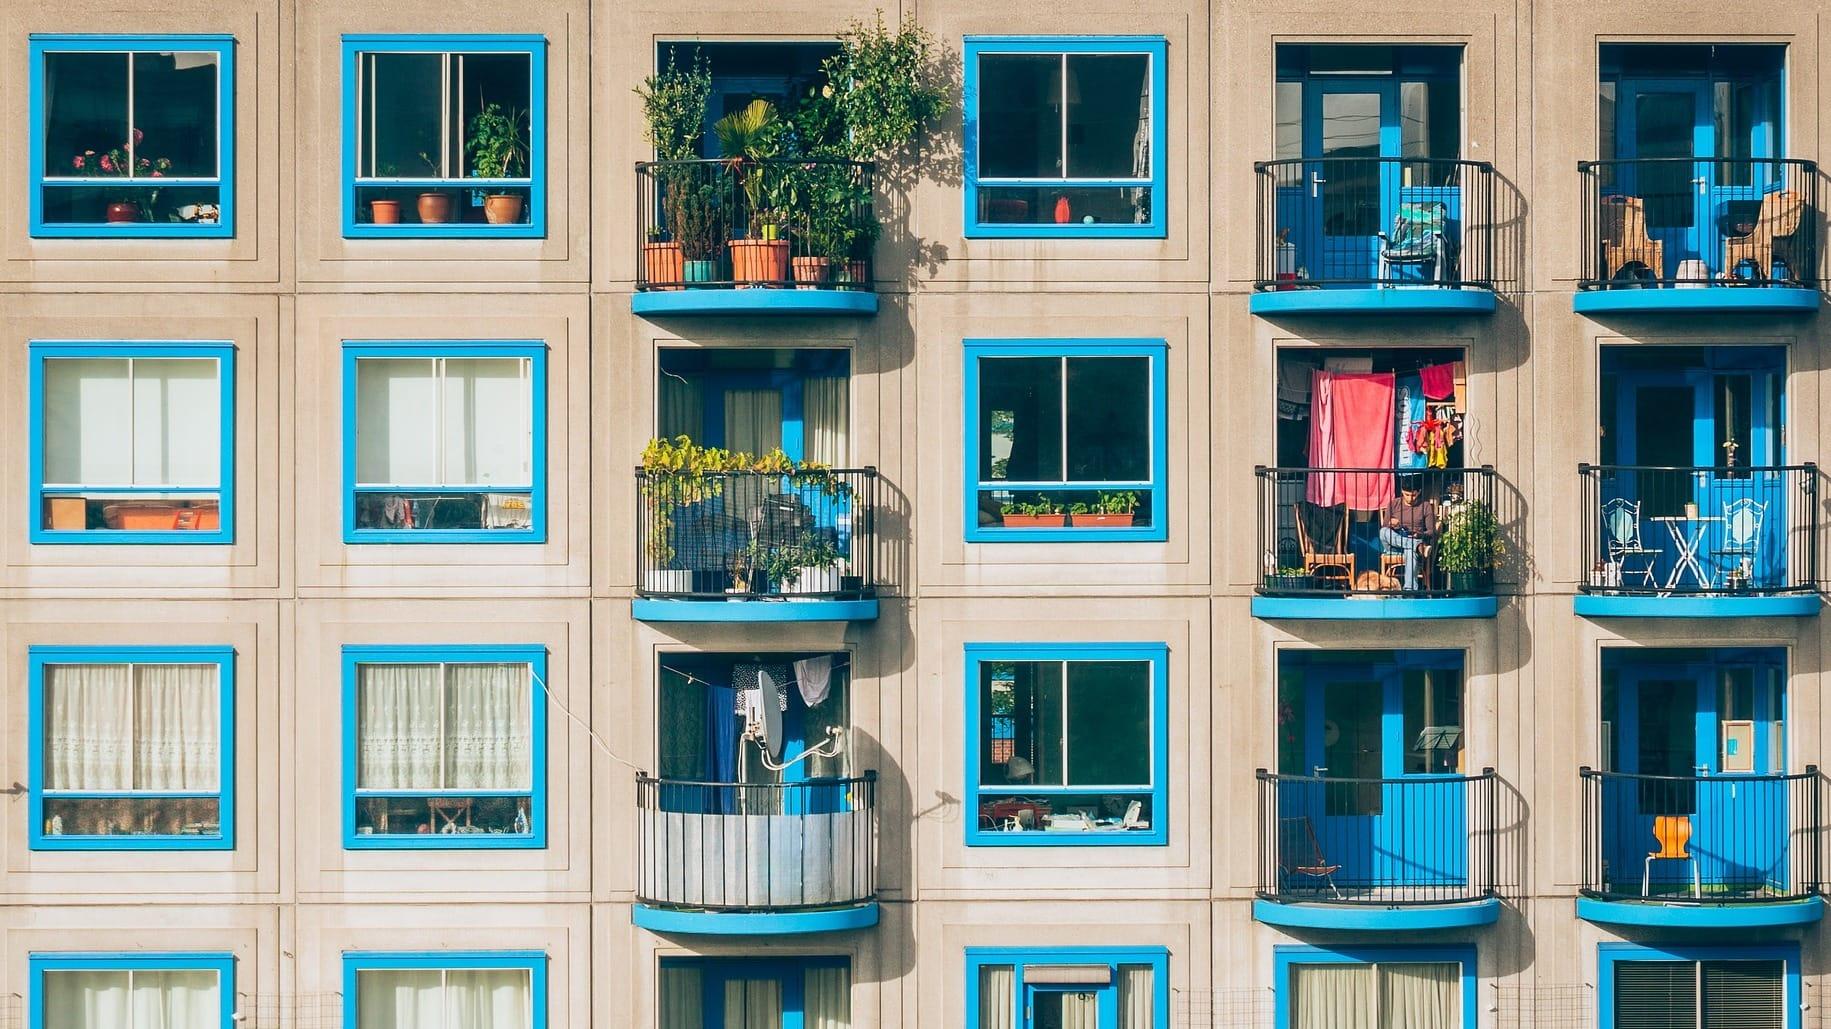 Viele blau eingerahmte Balkons, auf denen man super Urlaub machen kann